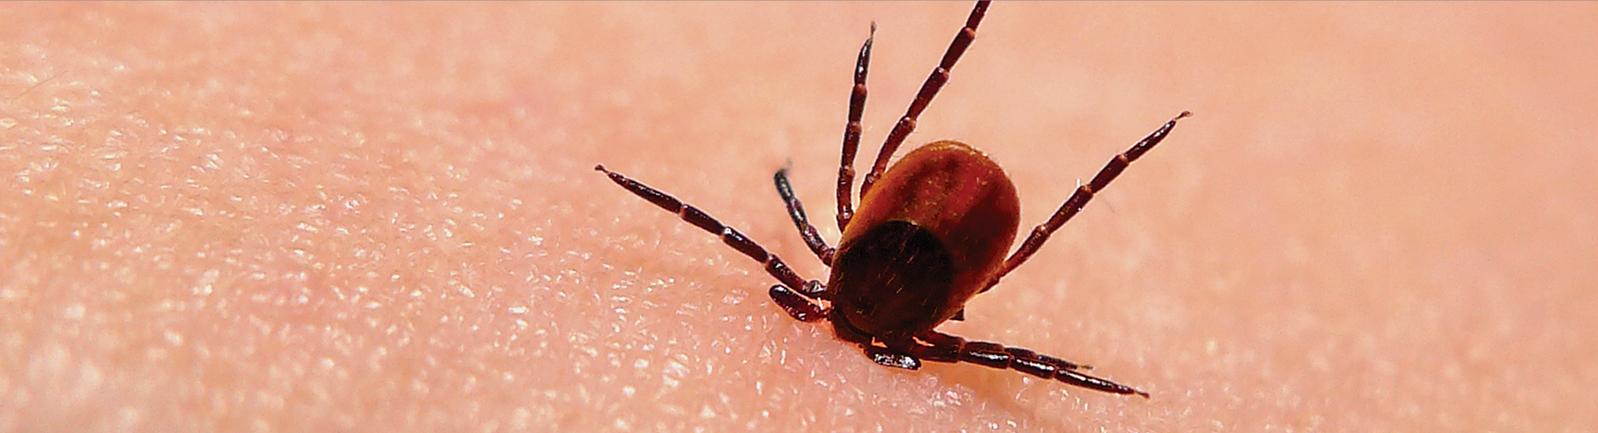 Cure Lyme Disease